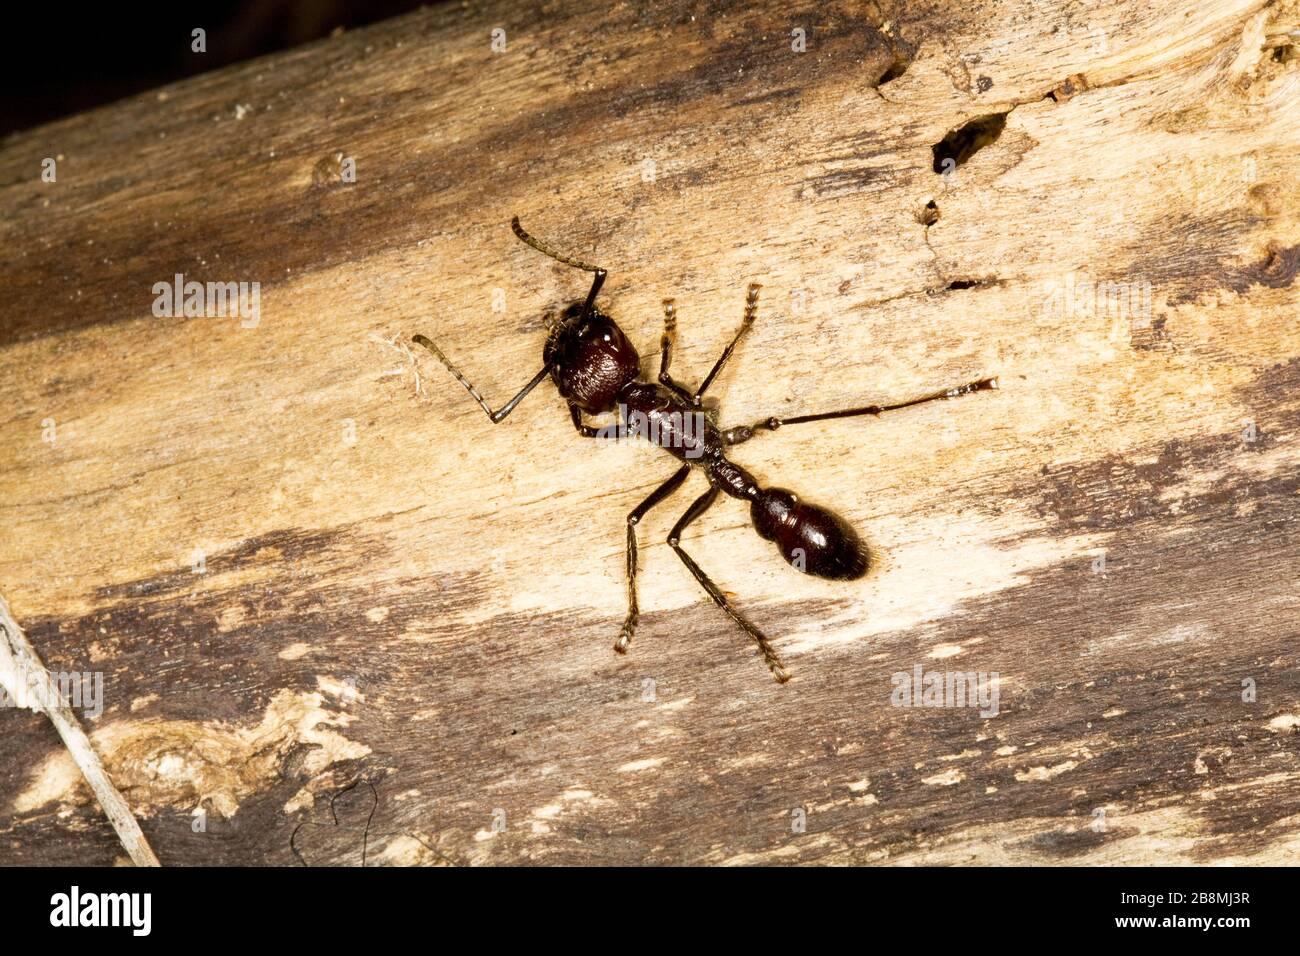 formiga-tucandira, formiga-vinte-e-quatro-horas, Ant-tucandira, Ant-twenty-and-four-hours, Tucandeira, Paraponera clavata, Aquidauana, Mato Grosso do Stock Photo